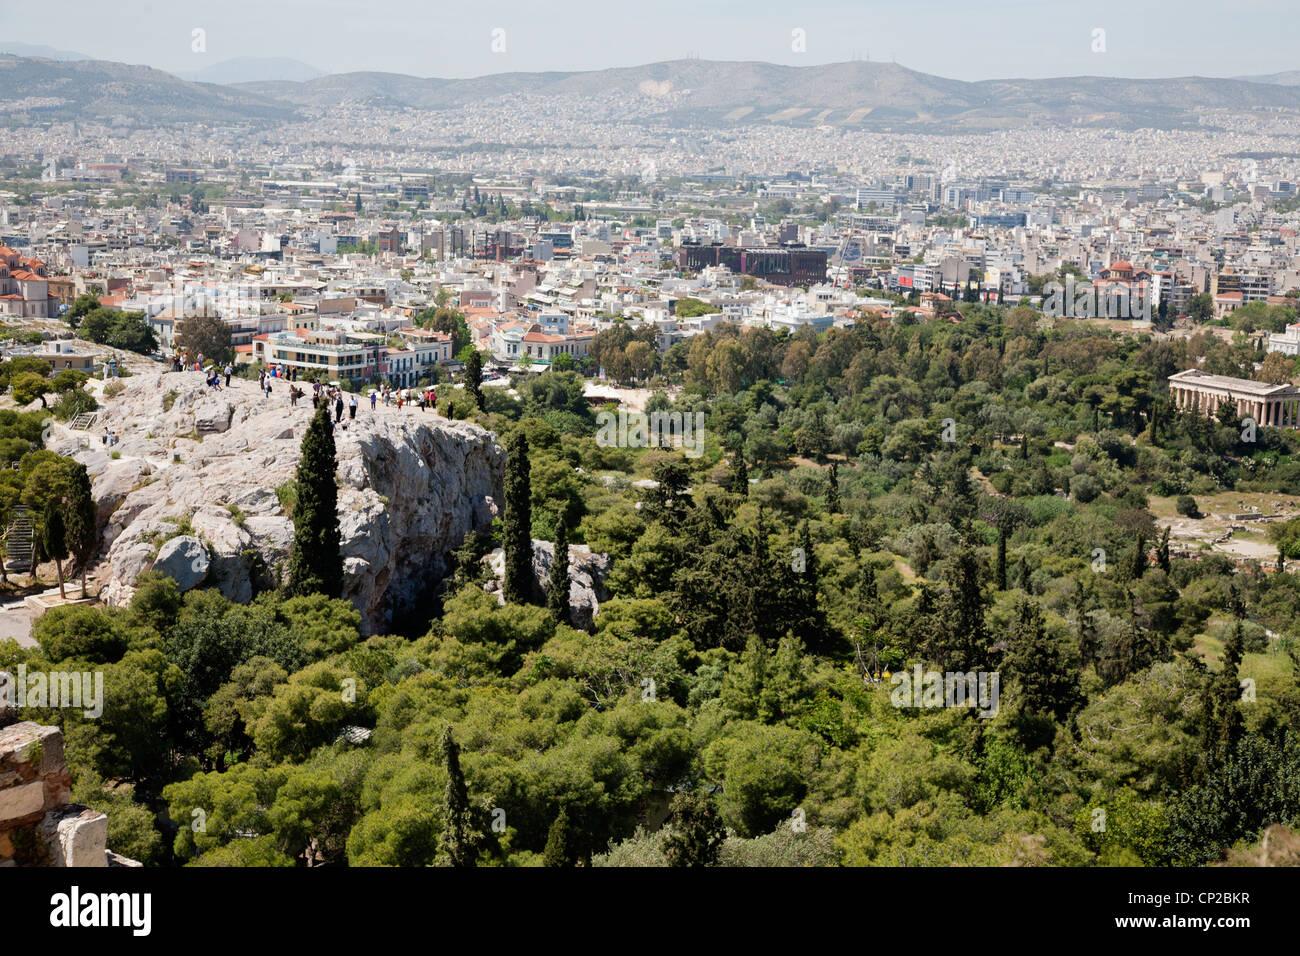 Der Areopag Hügel und der Tempel des Hephaistos von der Akropolis aus gesehen. Athen, Griechenland. Stockbild